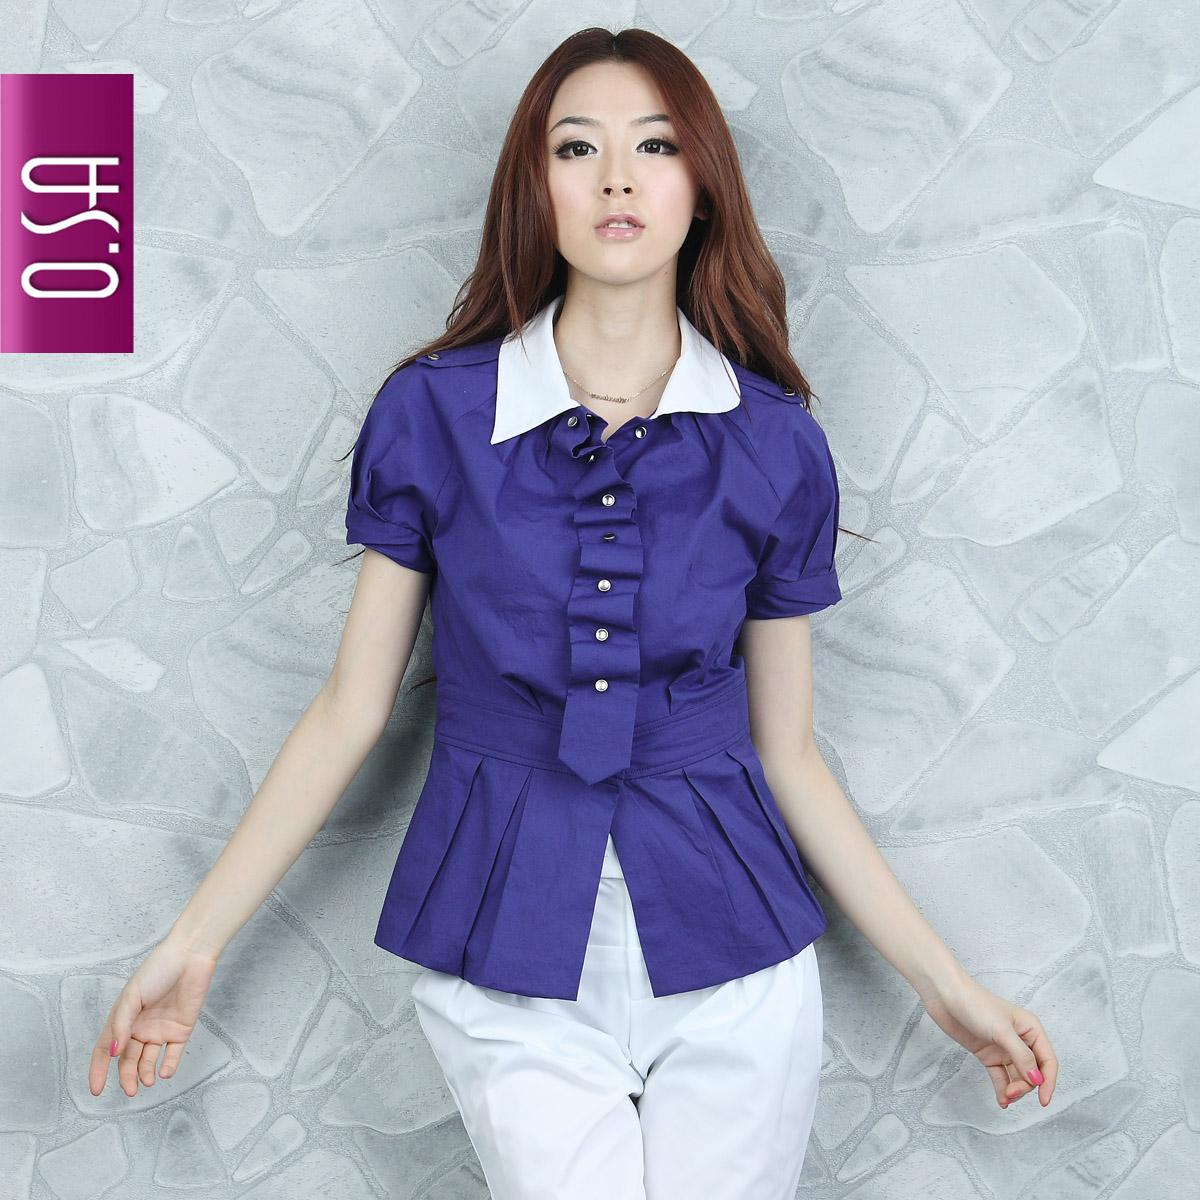 женская рубашка OSA sc00304 O.SA OL Casual Короткий рукав Однотонный цвет Воротник-стойка